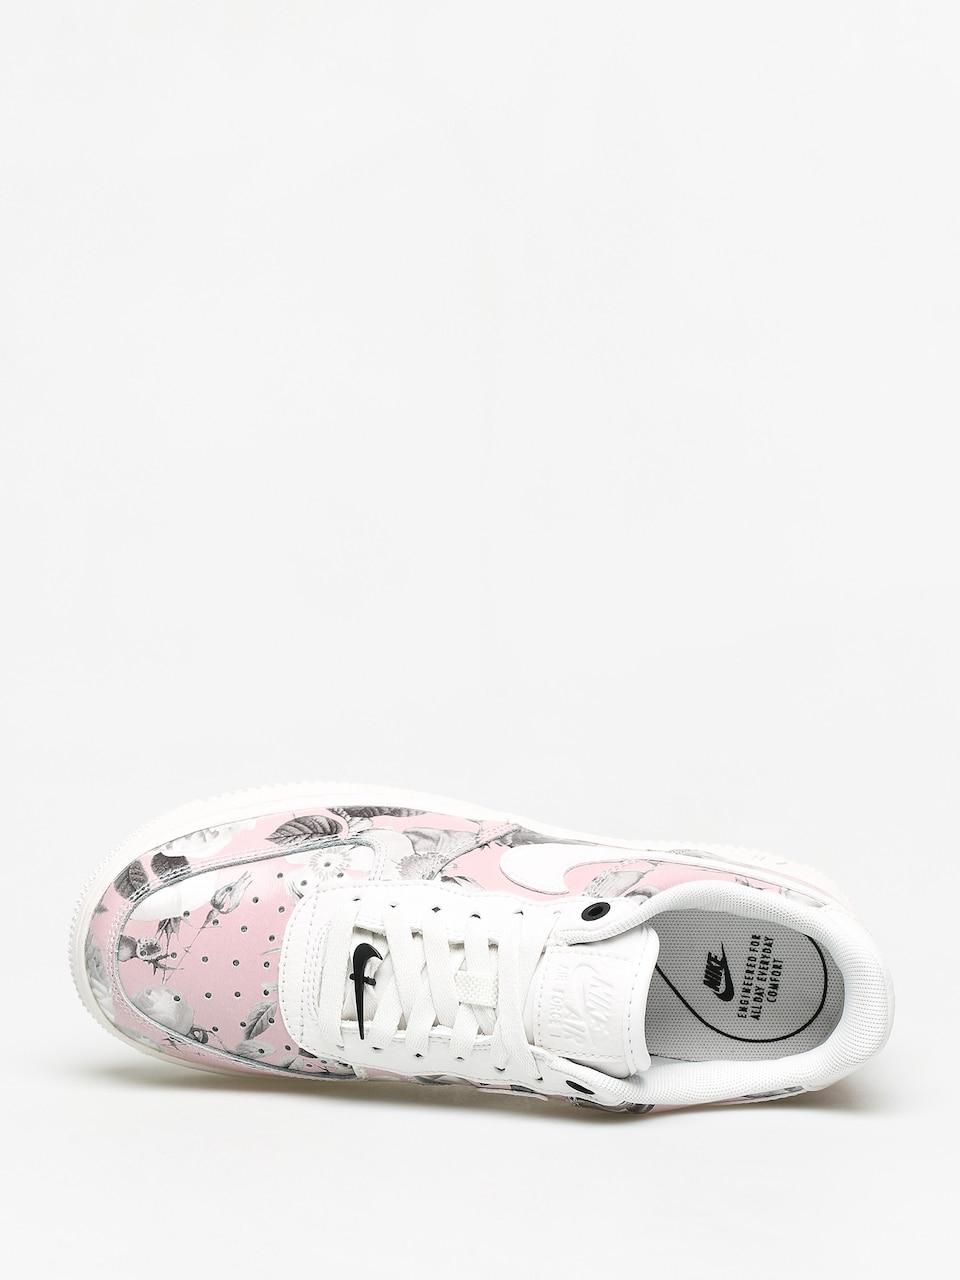 Buty Nike Air Force 1 07 Lxx Wmn (summit whitesummit white summit white)